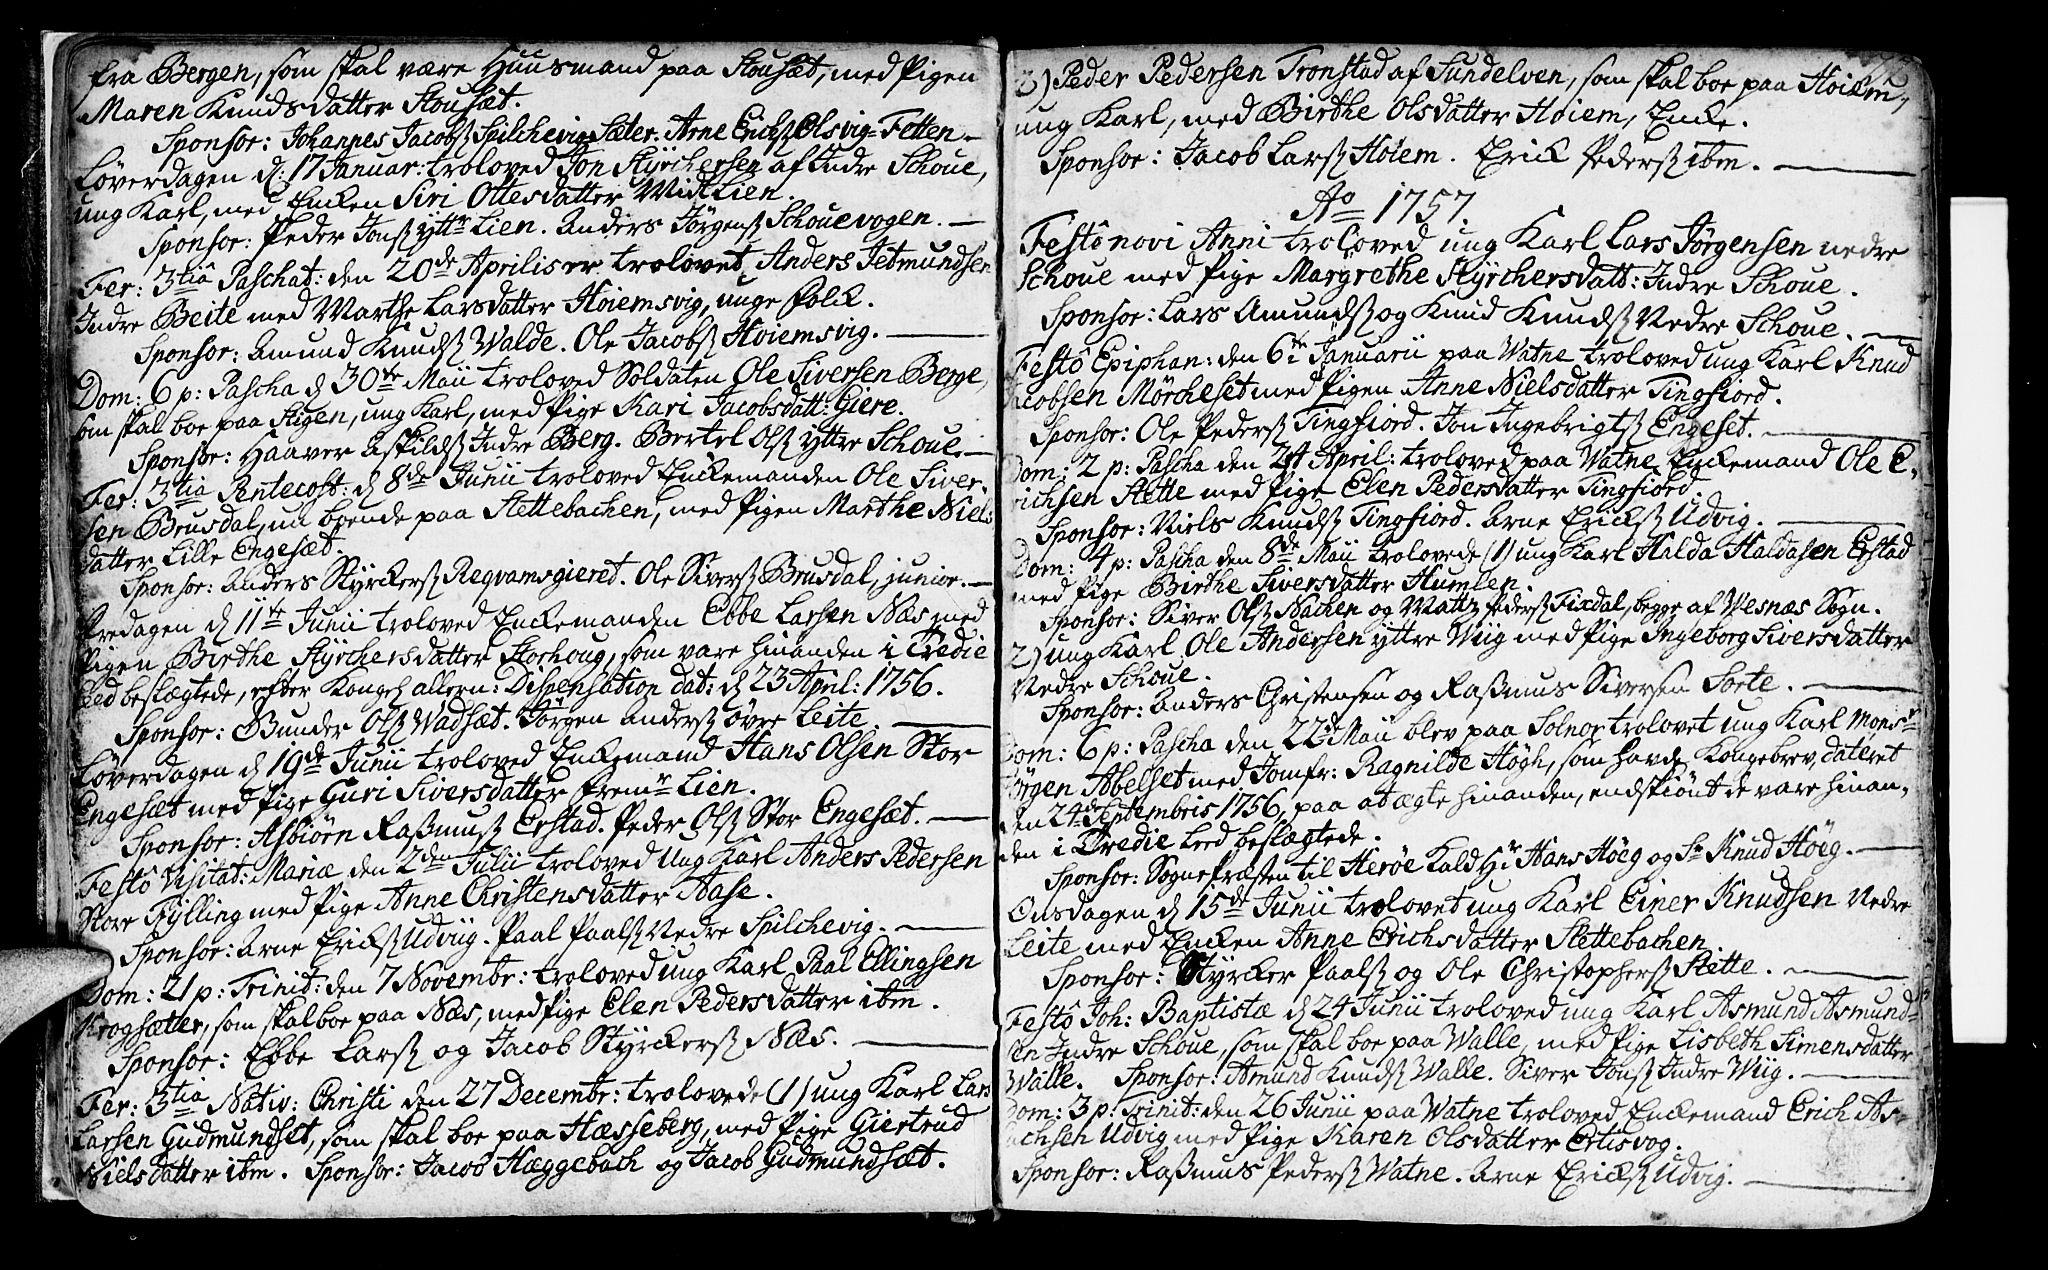 SAT, Ministerialprotokoller, klokkerbøker og fødselsregistre - Møre og Romsdal, 524/L0349: Ministerialbok nr. 524A01, 1698-1779, s. 22